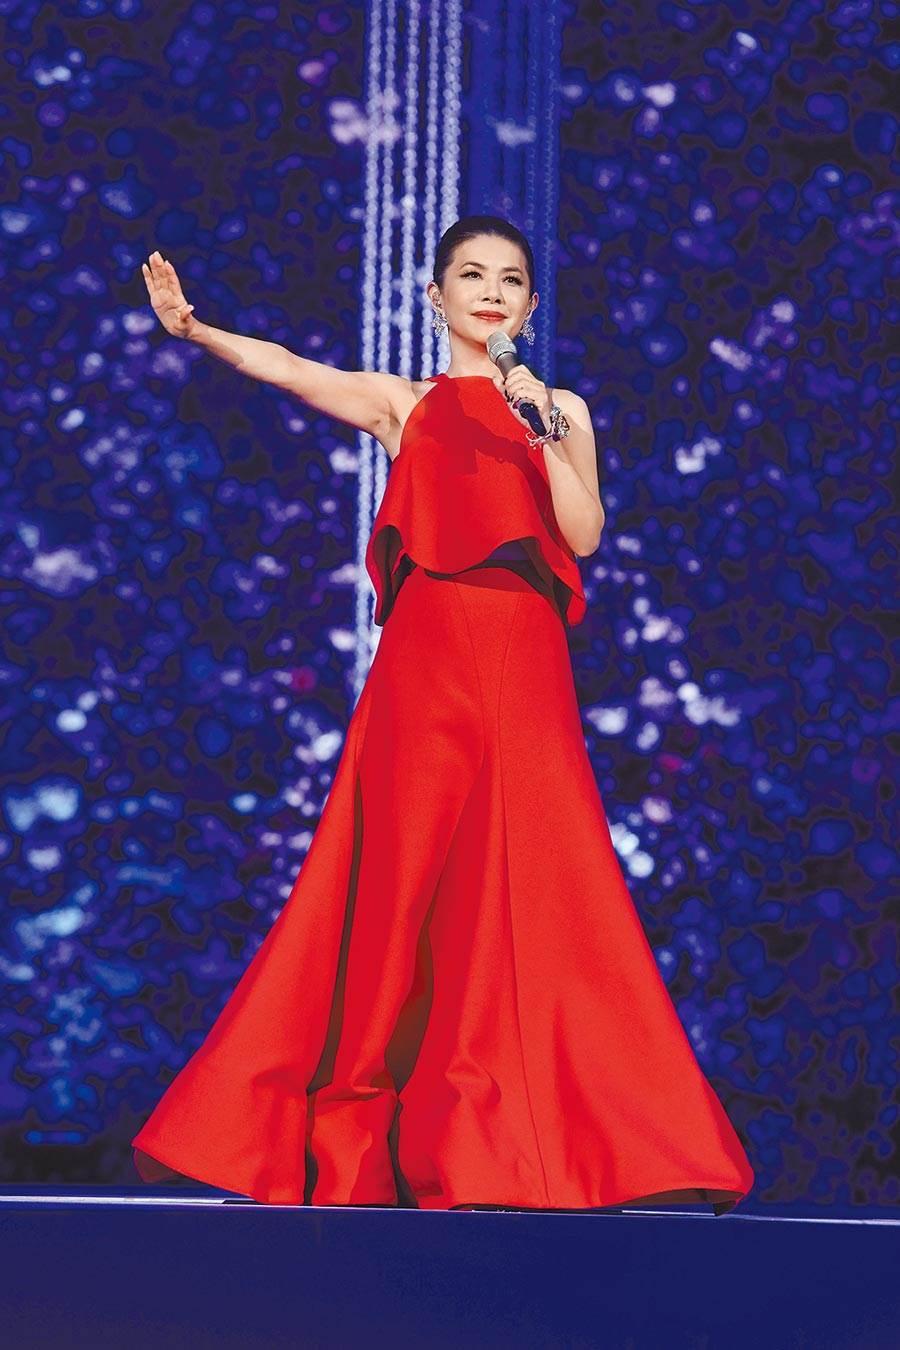 張清芳以高亢嗓音縱橫歌壇30多年。(圖/本報系資料照片)